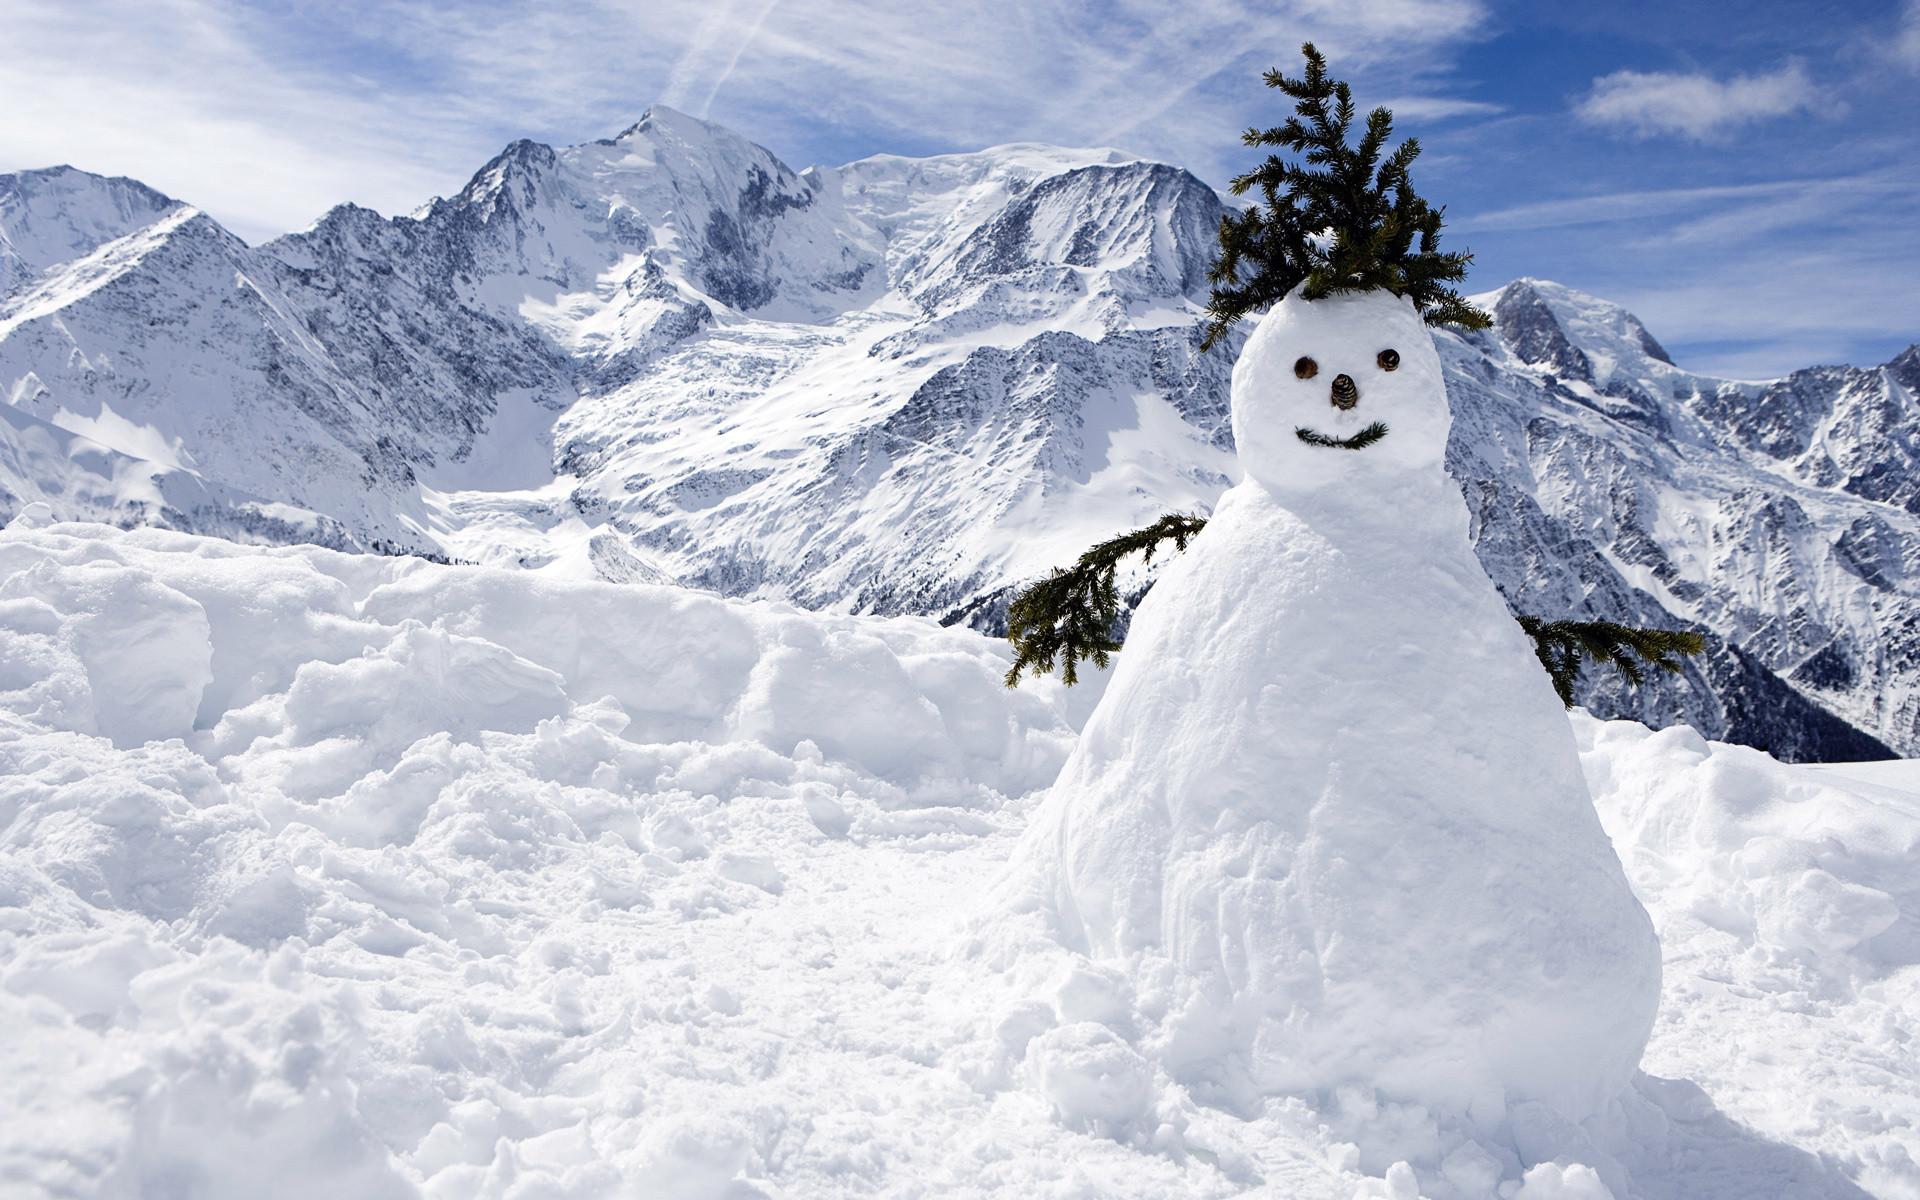 冬季意境图片:冬天图片唯美,冬季雪景图片